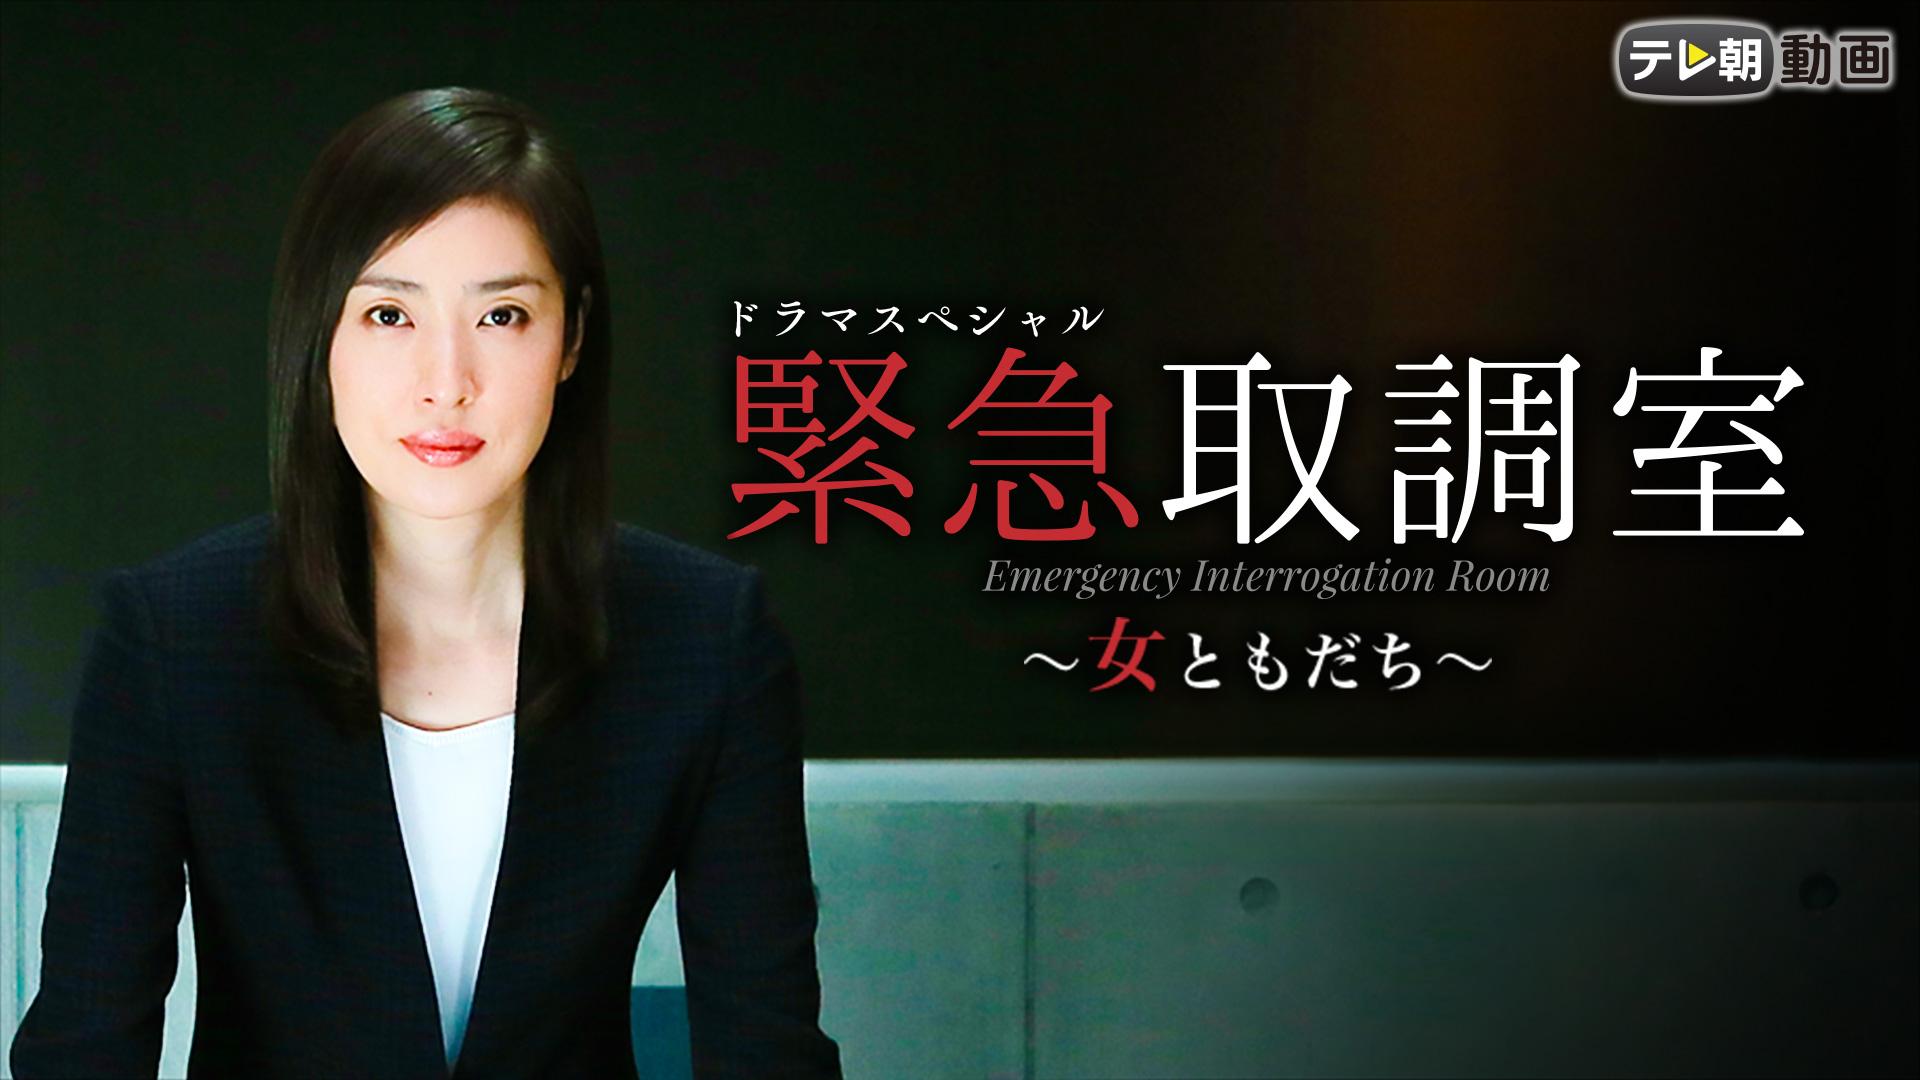 ドラマスペシャル 緊急取調室 2015年9月27日放送